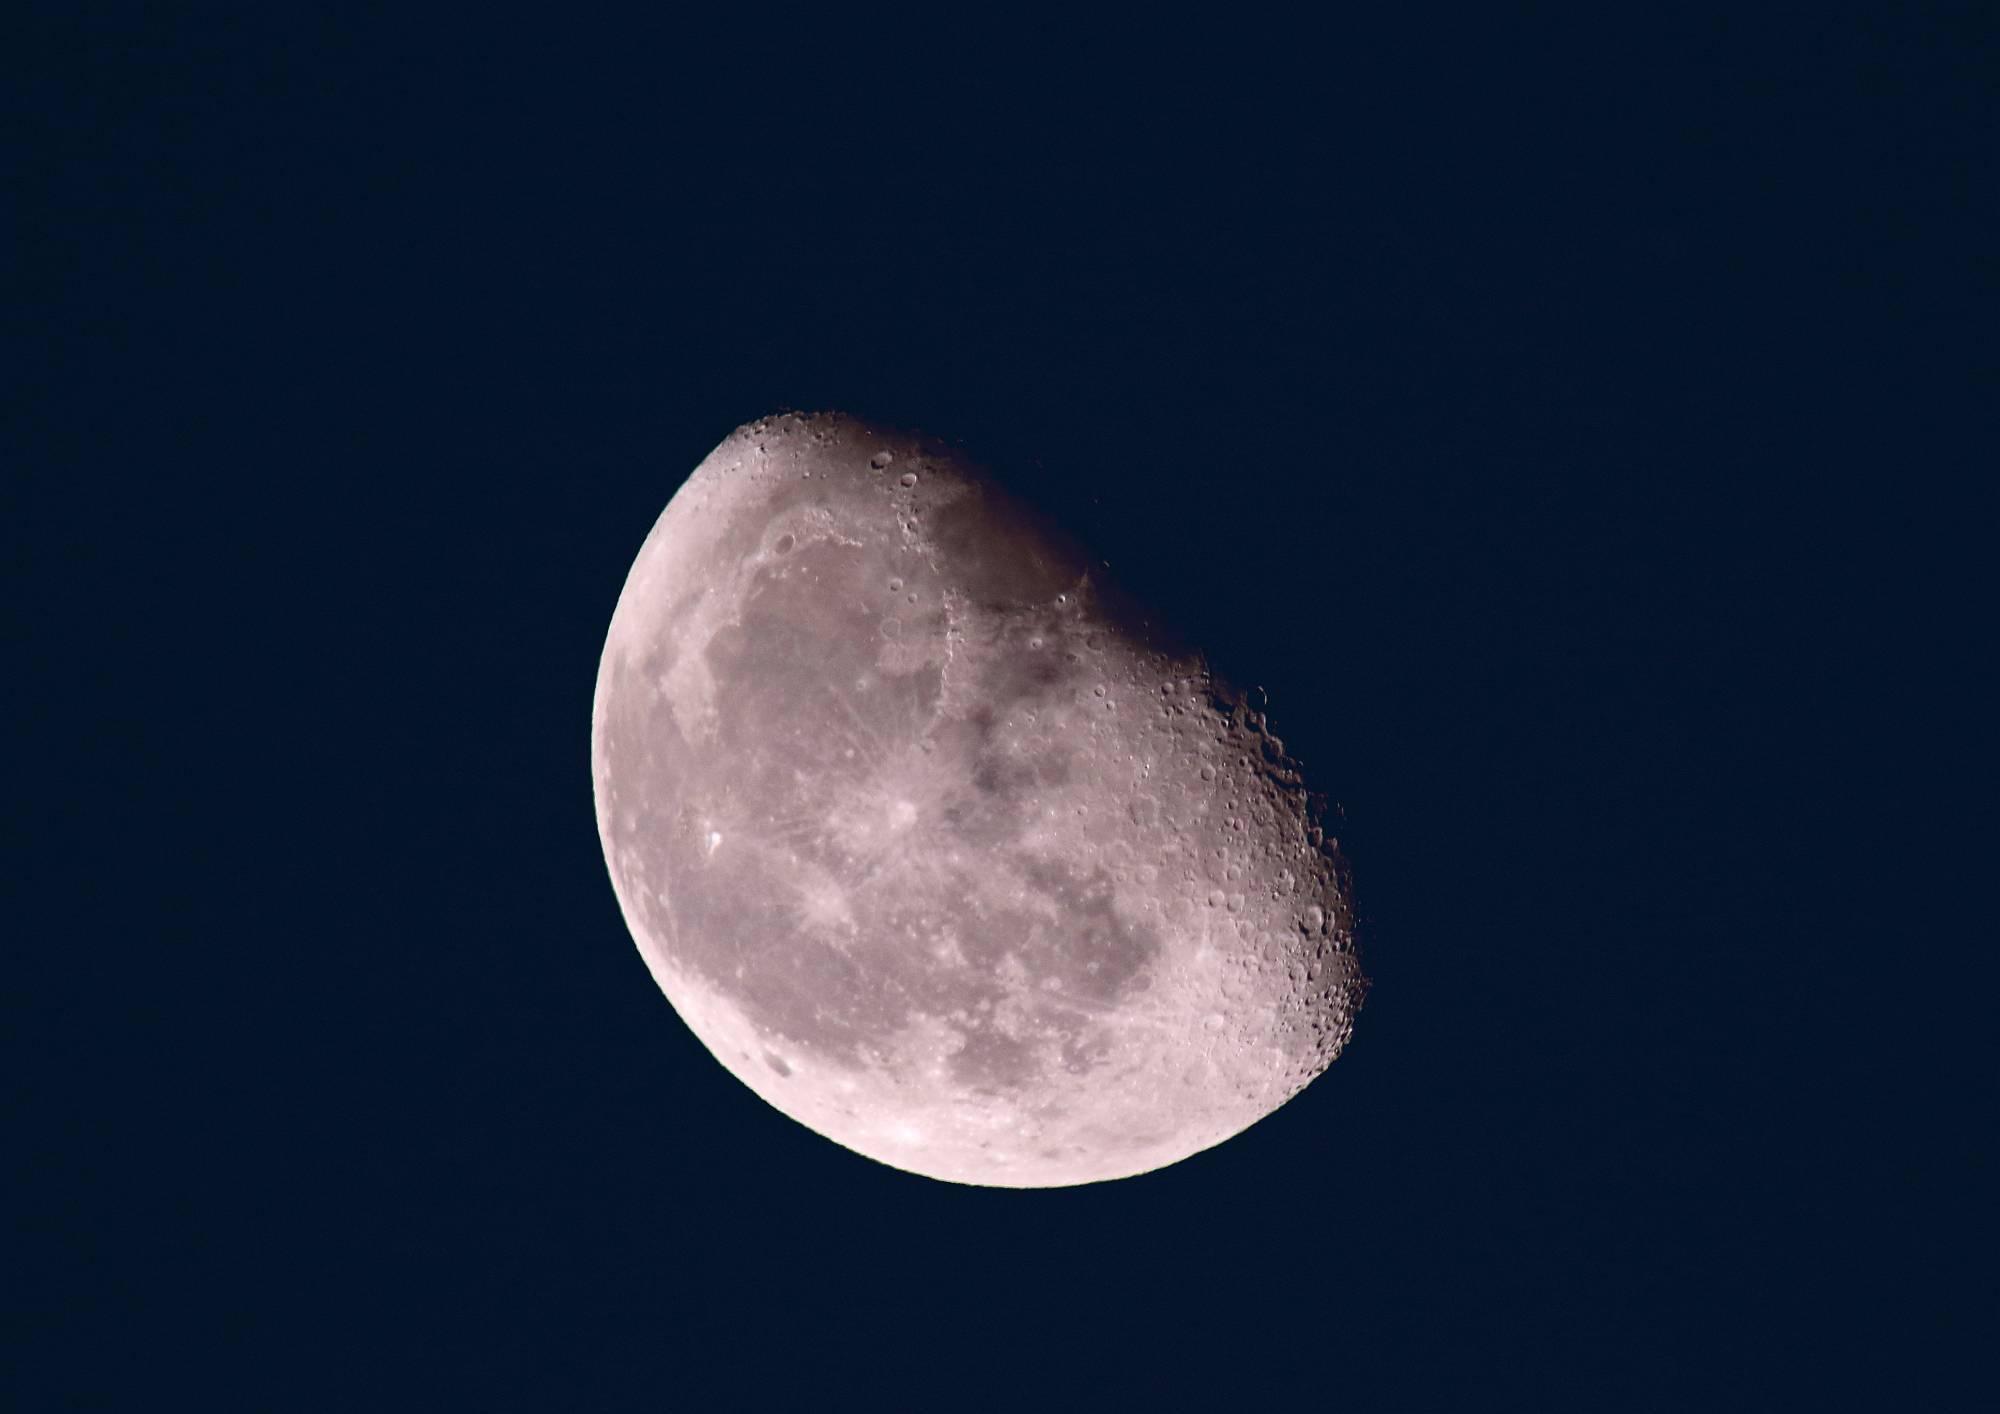 月(Moon) そのⅥ_a0140608_07145585.jpg